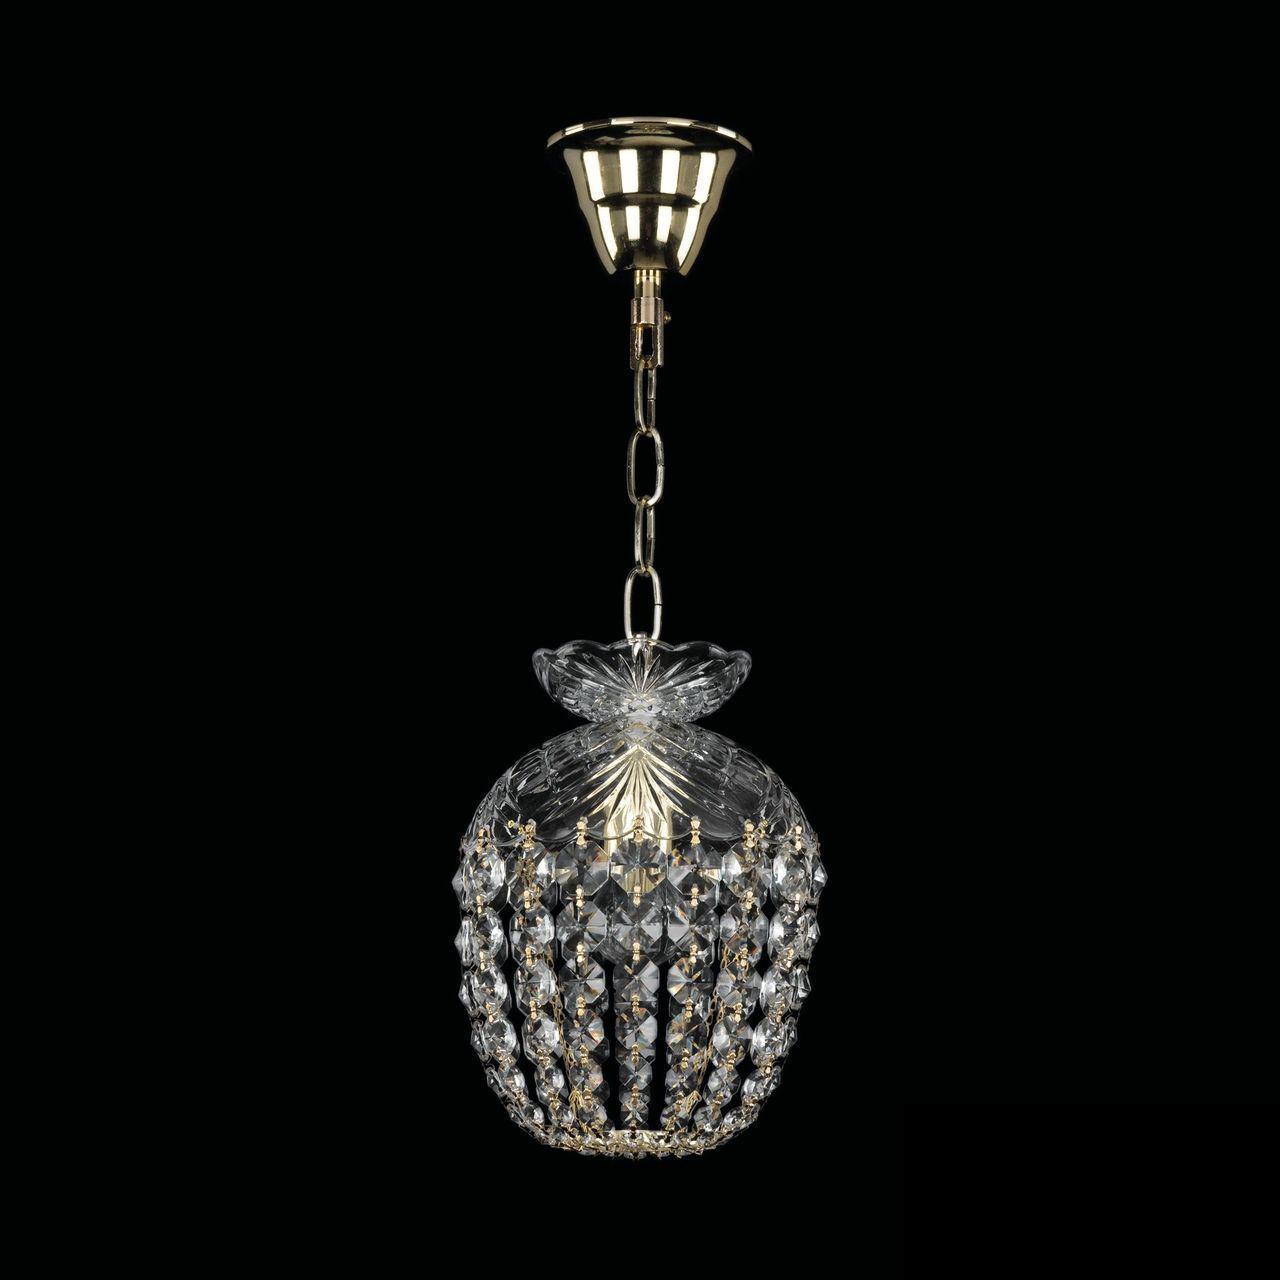 Подвесной светильник Bohemia Ivele 14773/16 G